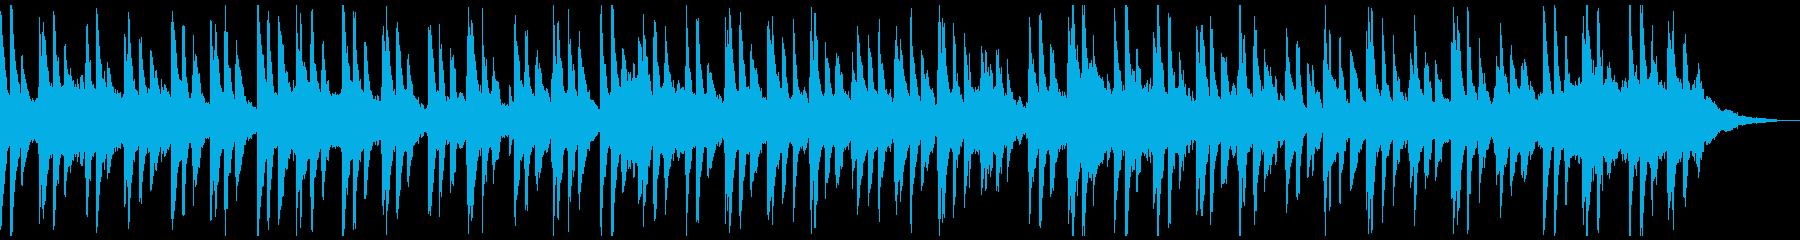 ブルース アンビエントミュージック...の再生済みの波形